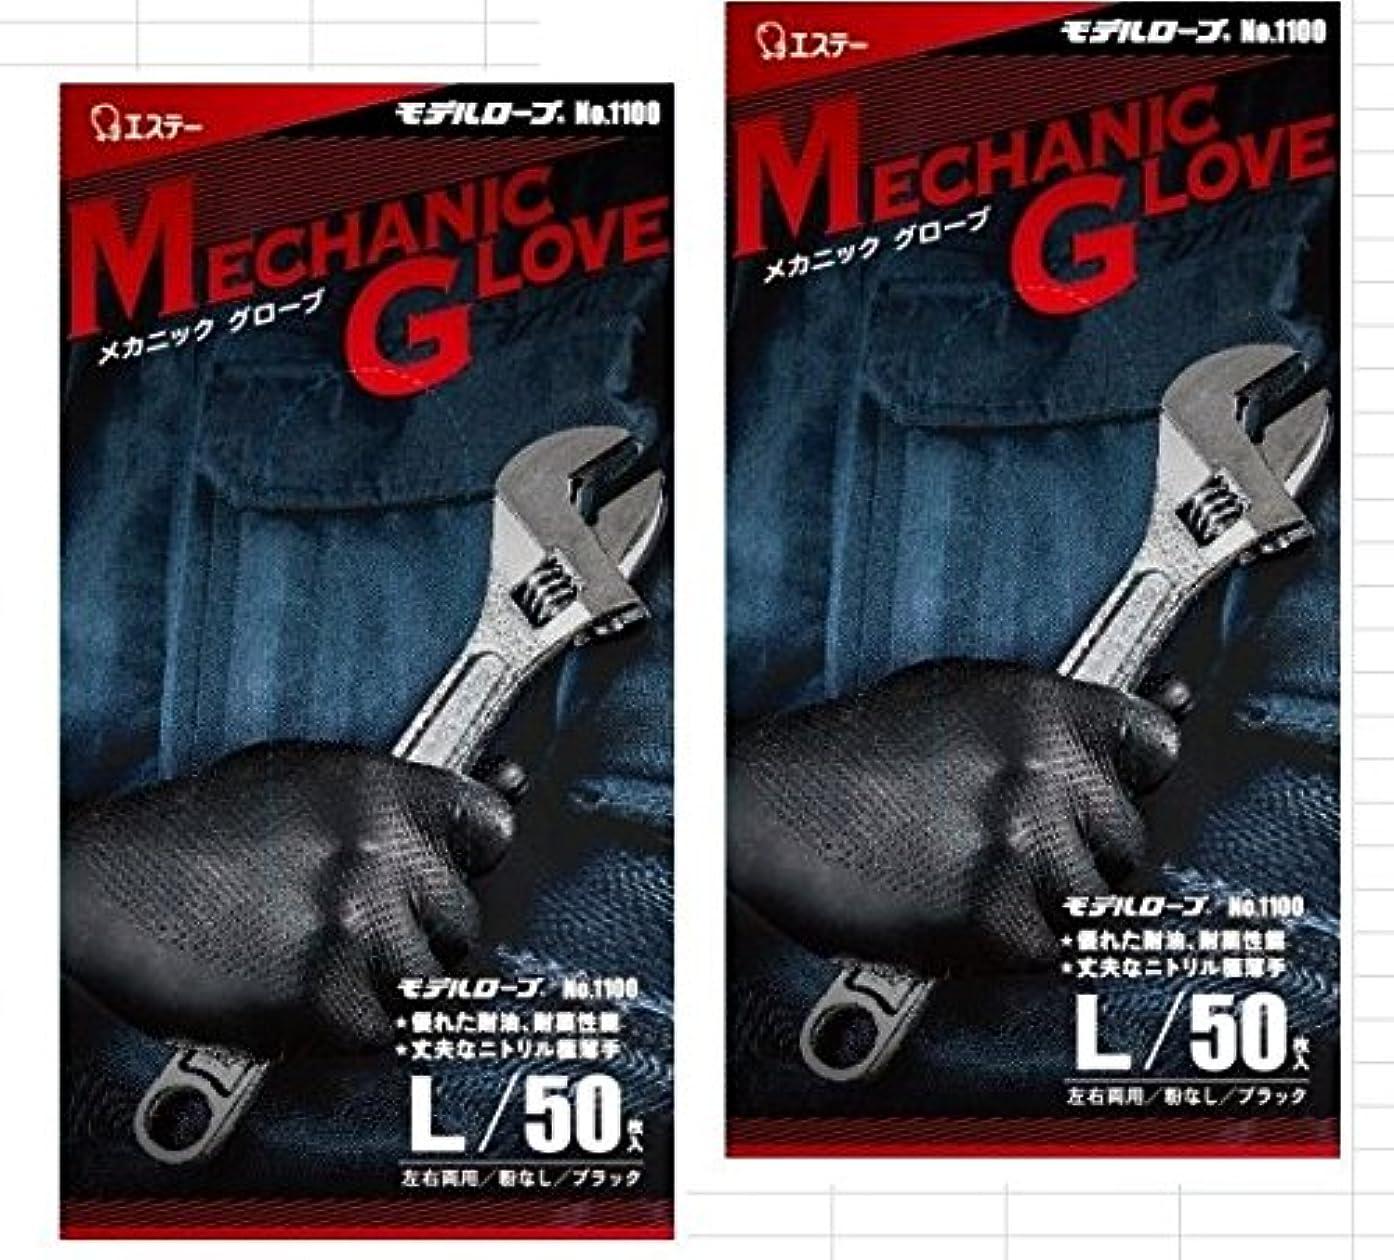 アラバマ四羊の【2組】モデルローブ No.1100 メカニックグローブ Lサイズ ブラック 50枚 …